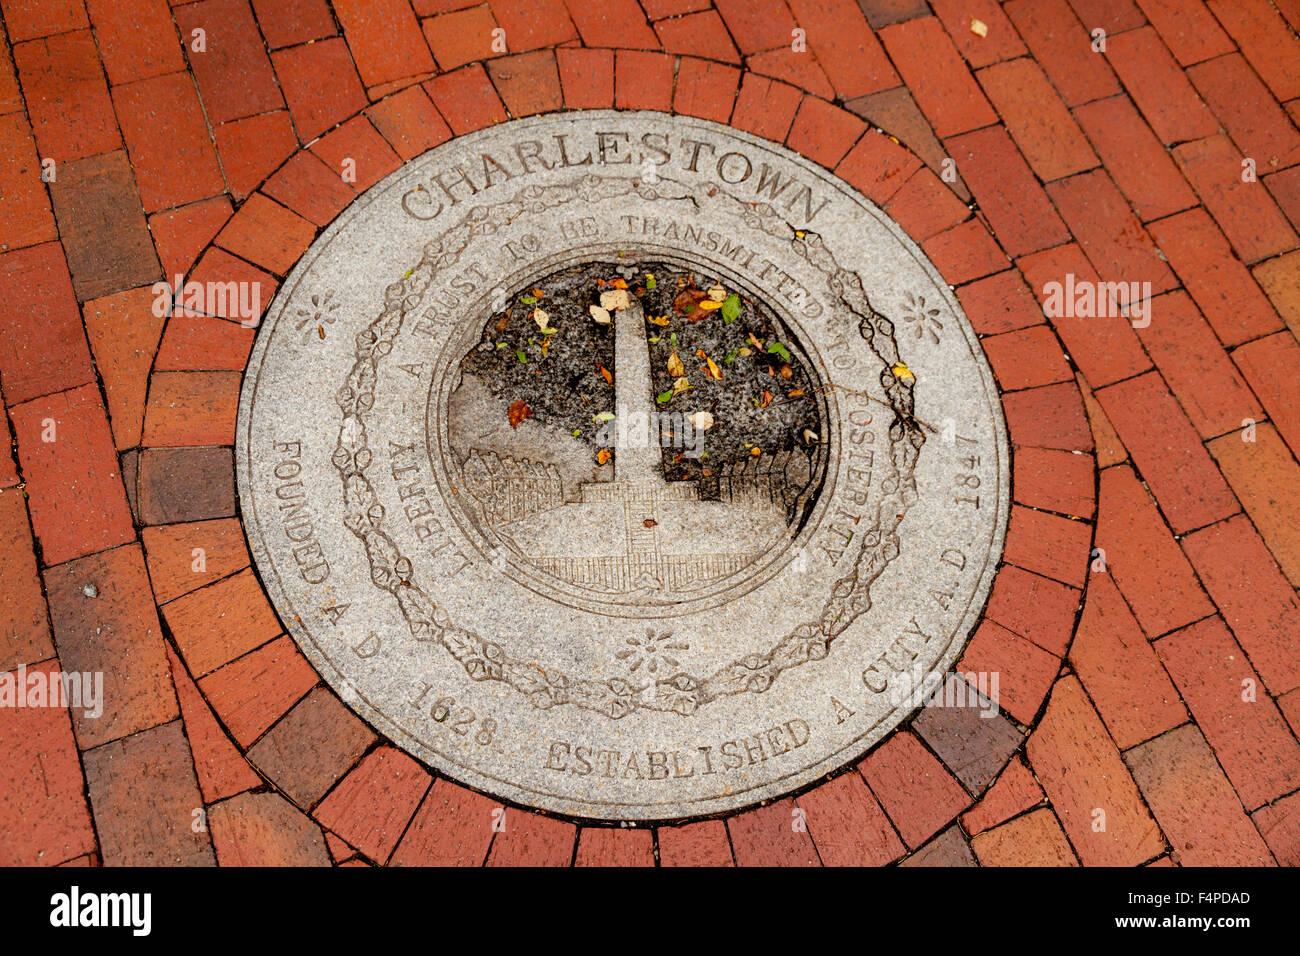 Un marcador conmemorativo en el suelo en el barrio de Charlestown, Boston, Massachusetts EE.UU. Imagen De Stock